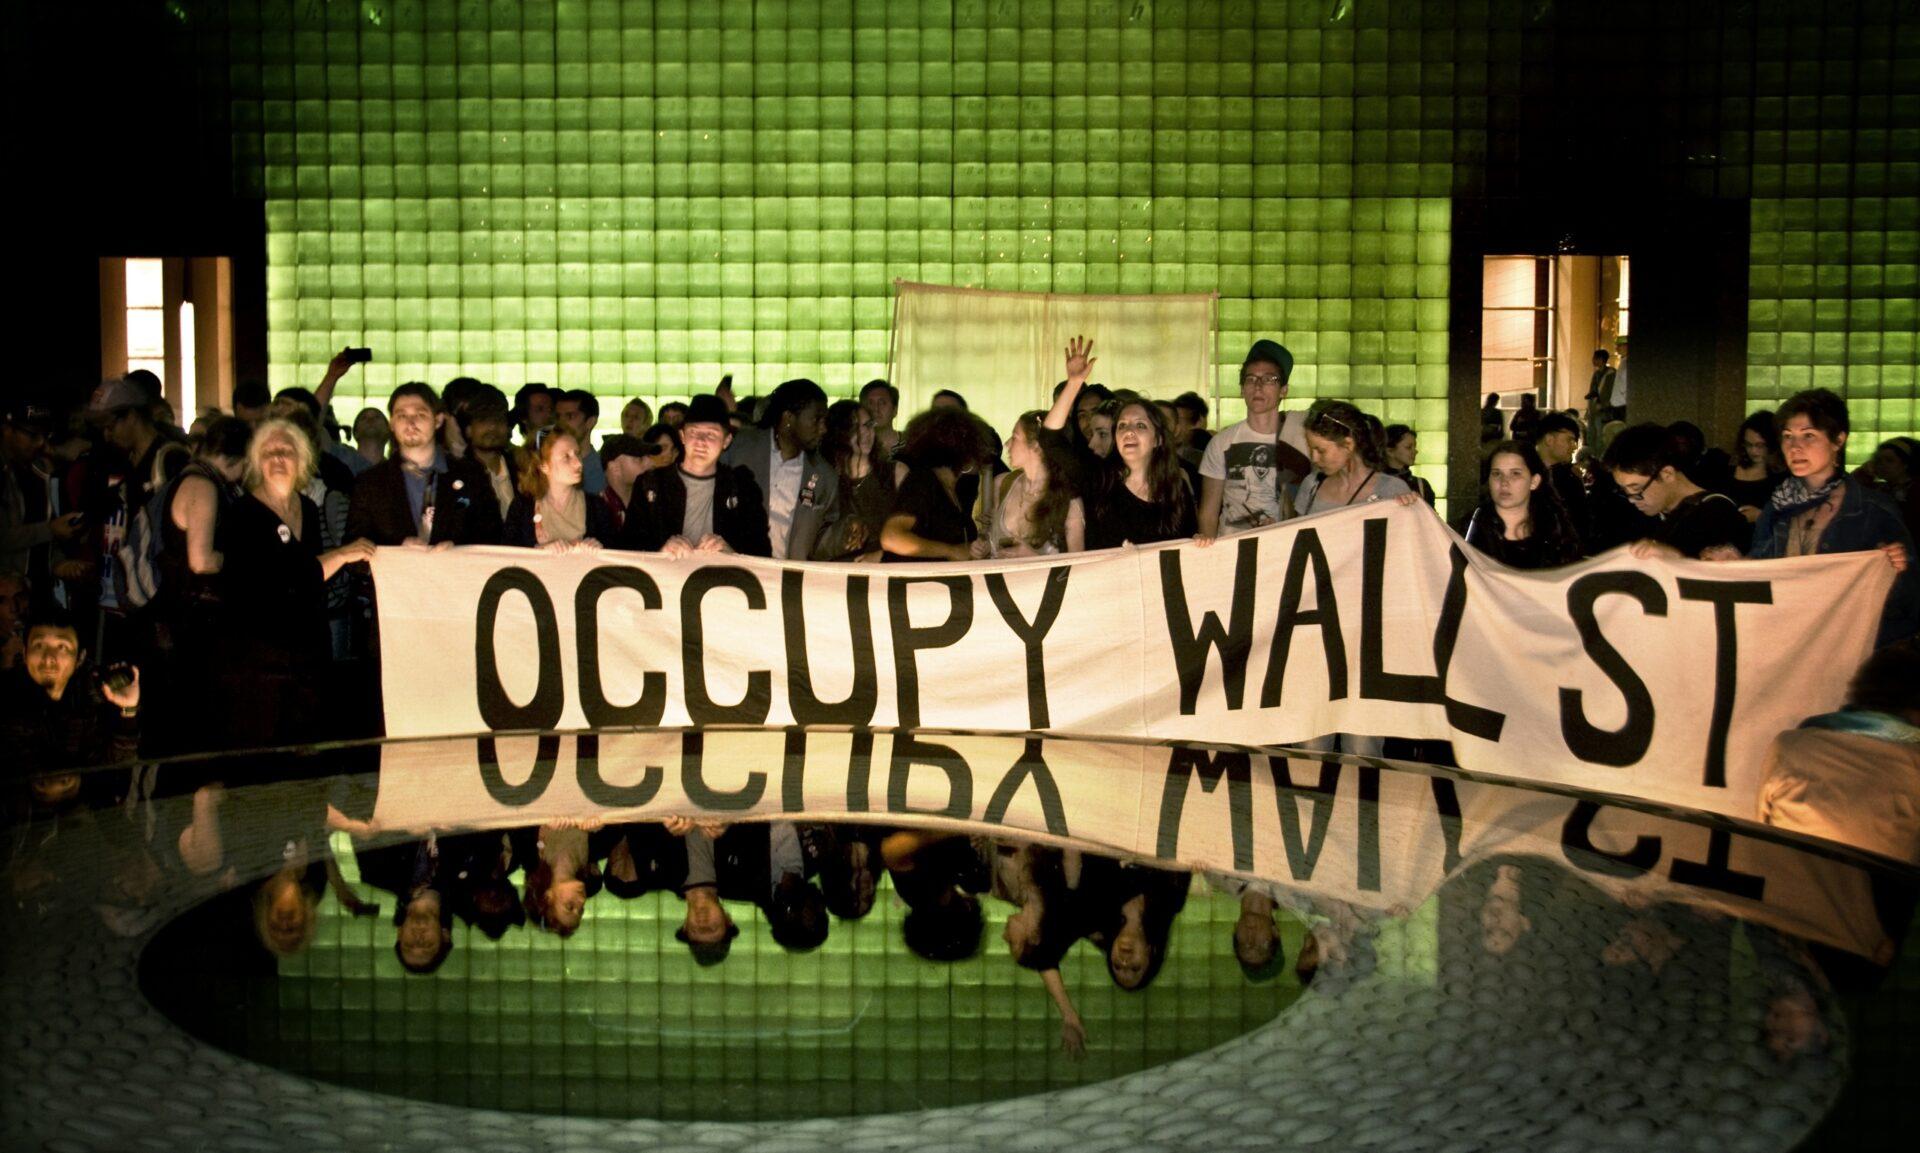 99% - Коллективный фильм Оккупай Уолл-Стрит (99% - The Occupy Wall Street Collaborative Film), 2013 (английские субтитры)